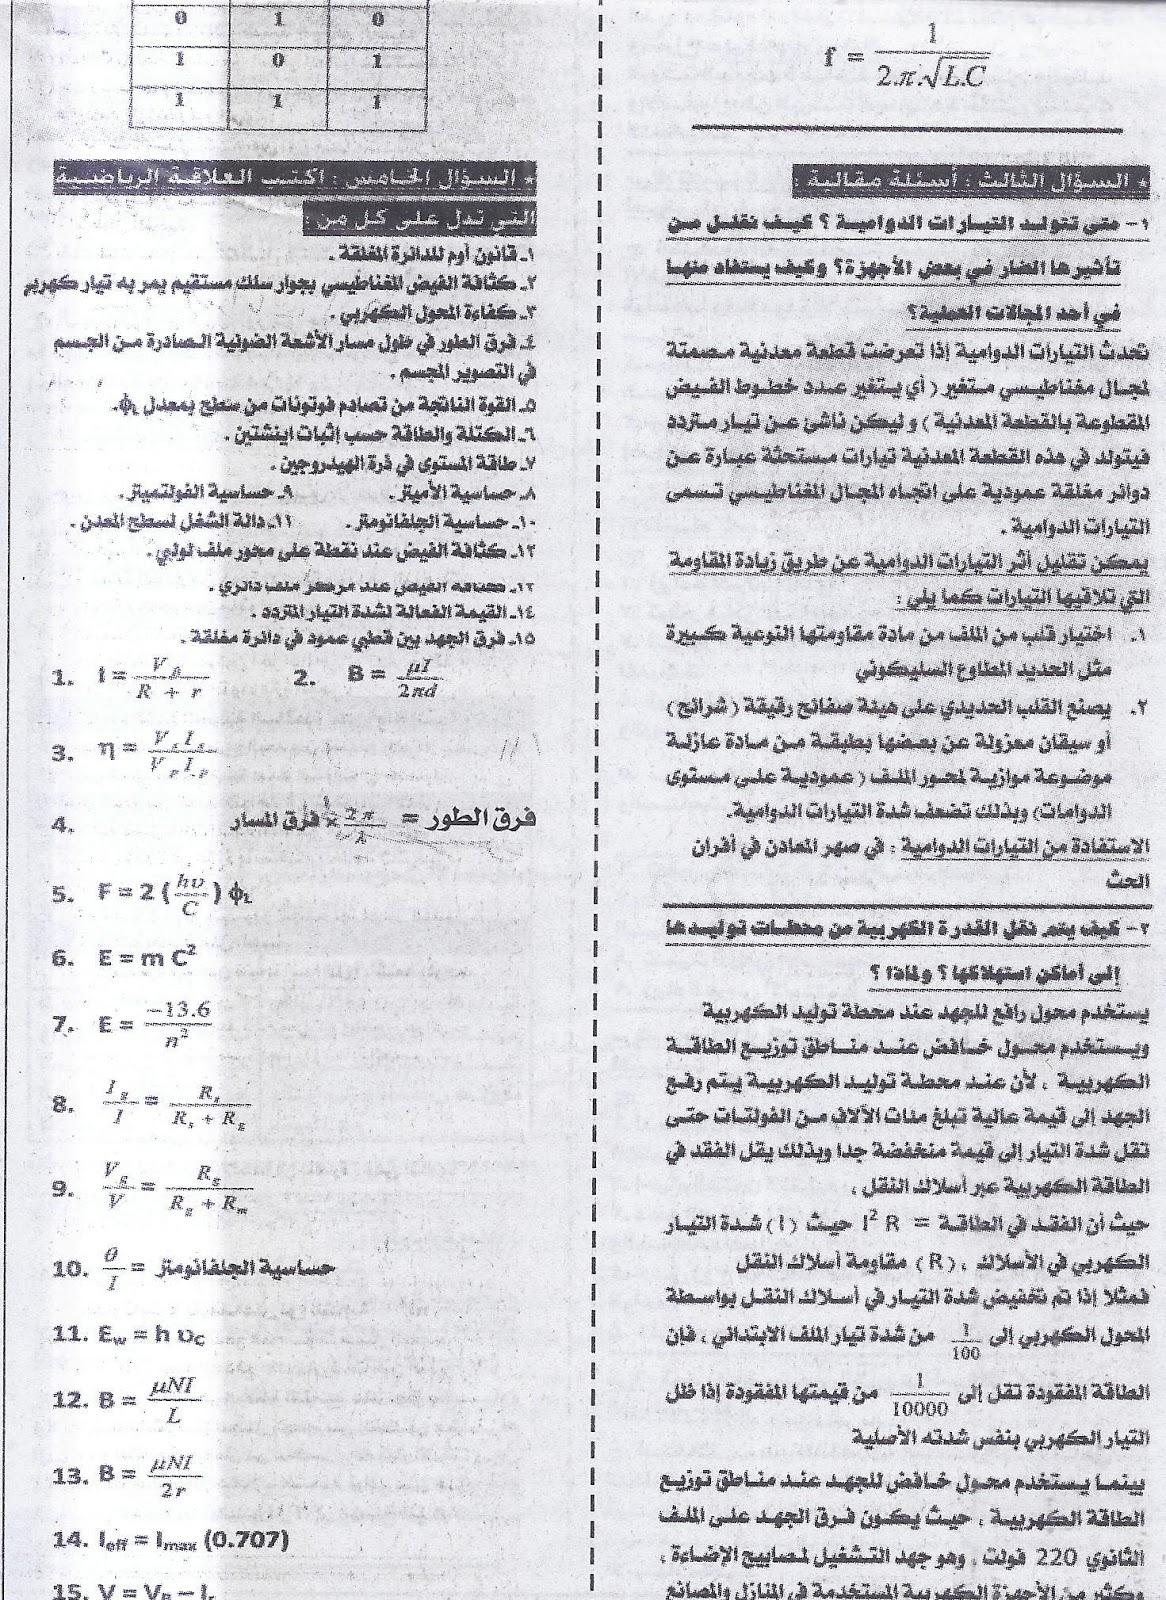 توقعات امتحان بكرة .. فيزياء ثانوية عامة 2016  12